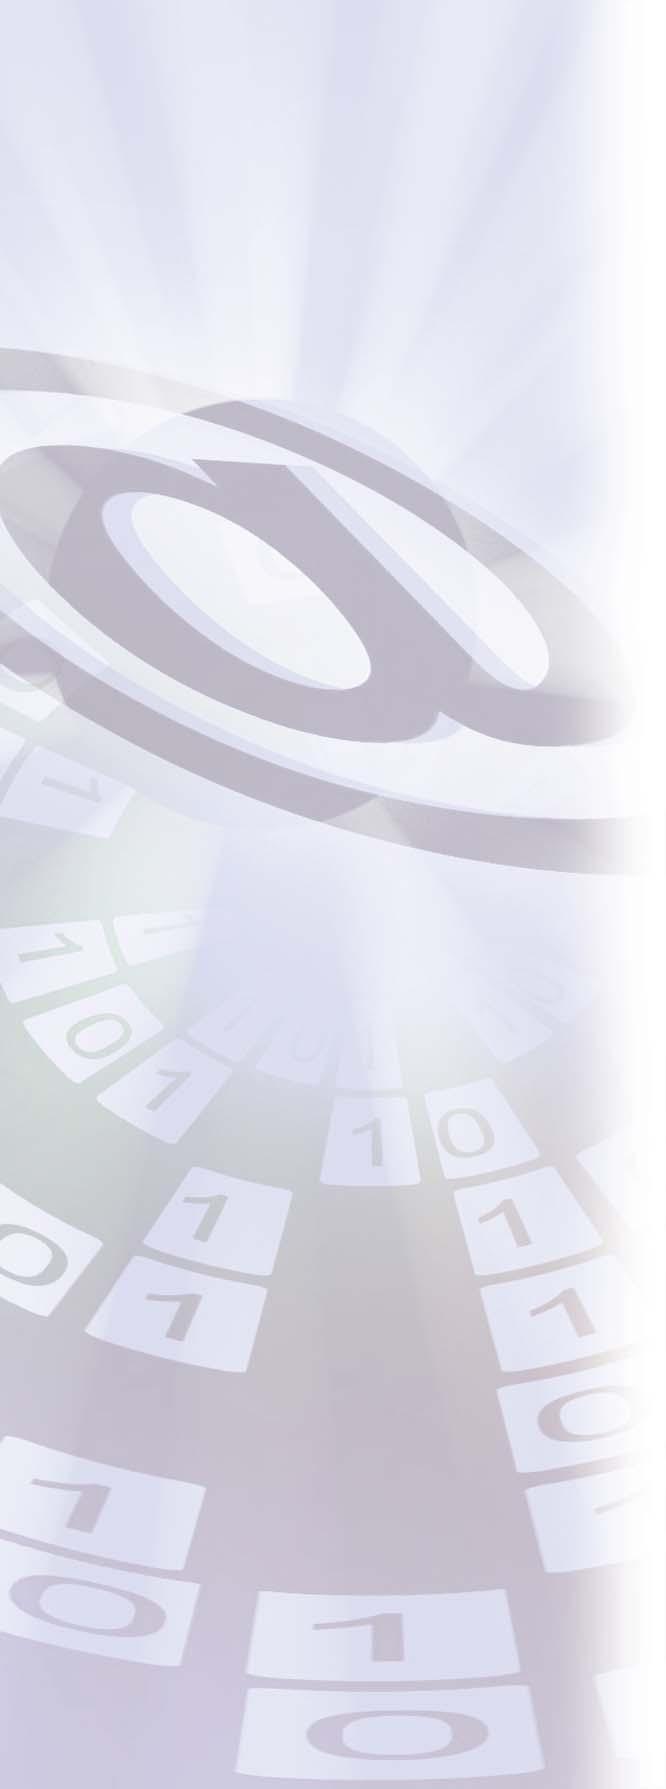 El programa de becarios de la AICPA tiene como objetivo aumentar la facultad del doctorado en contabilidad